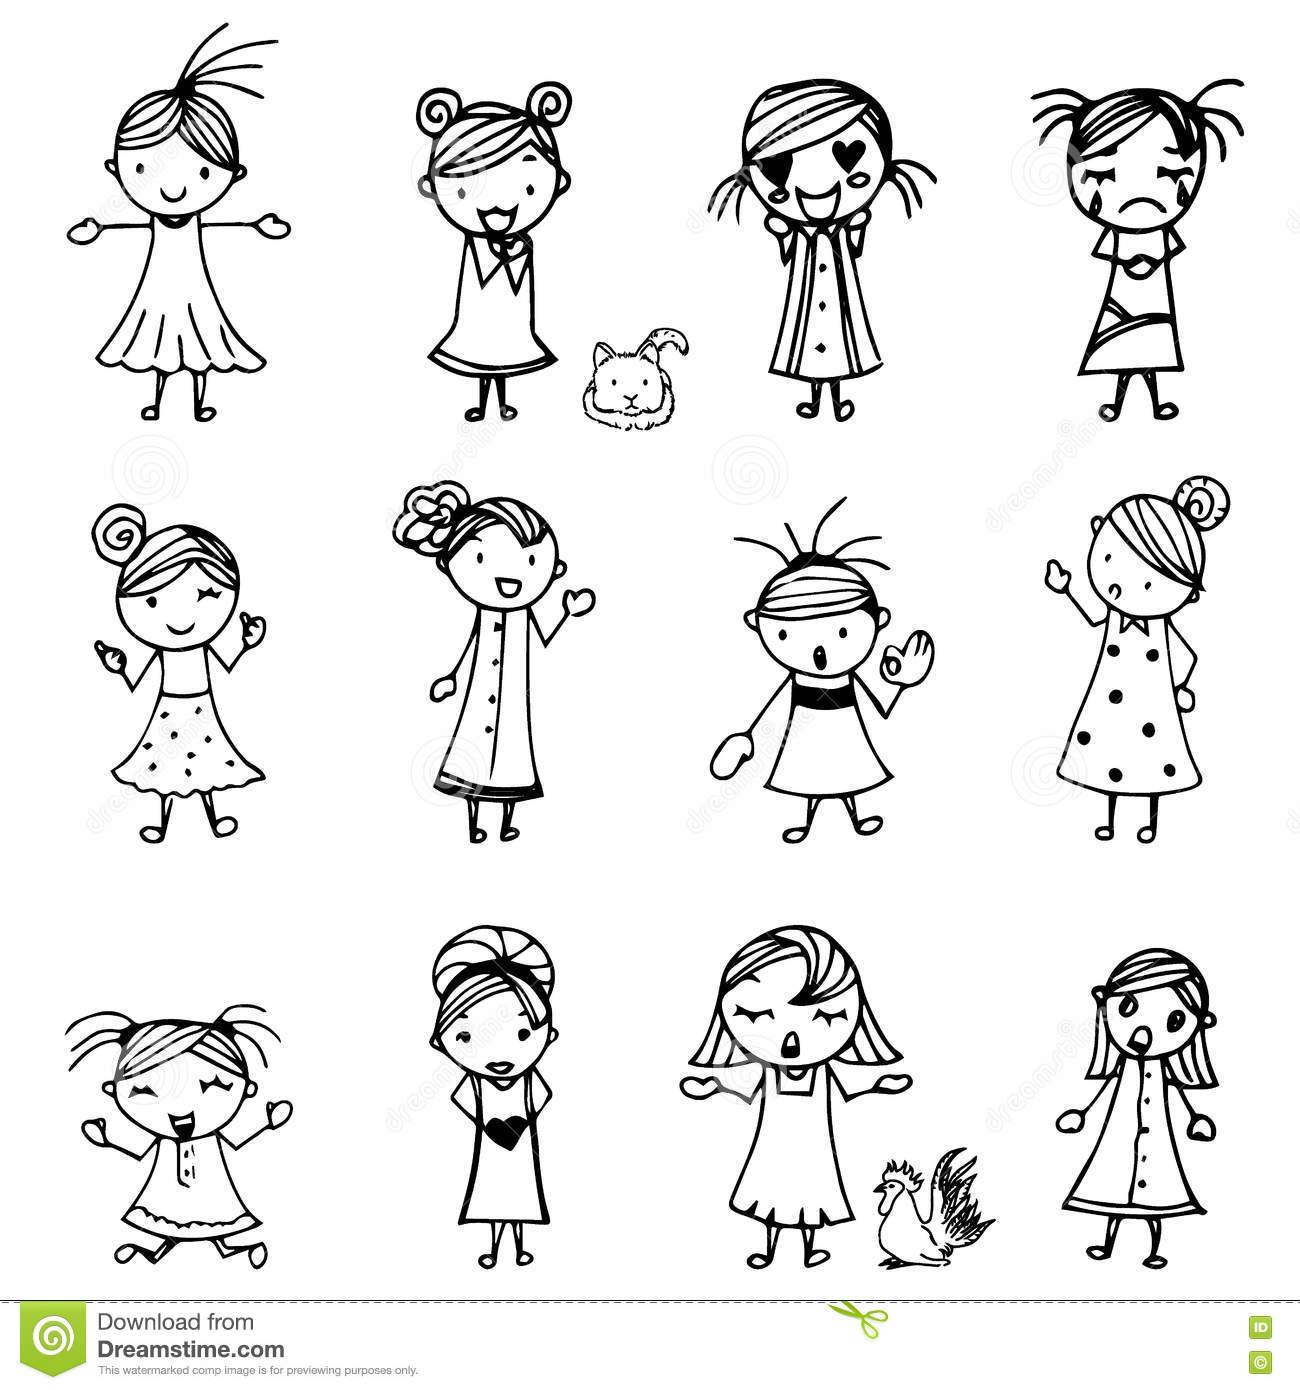 Tổng hợp những bộ tranh tô màu ngộ nghĩnh cho bé